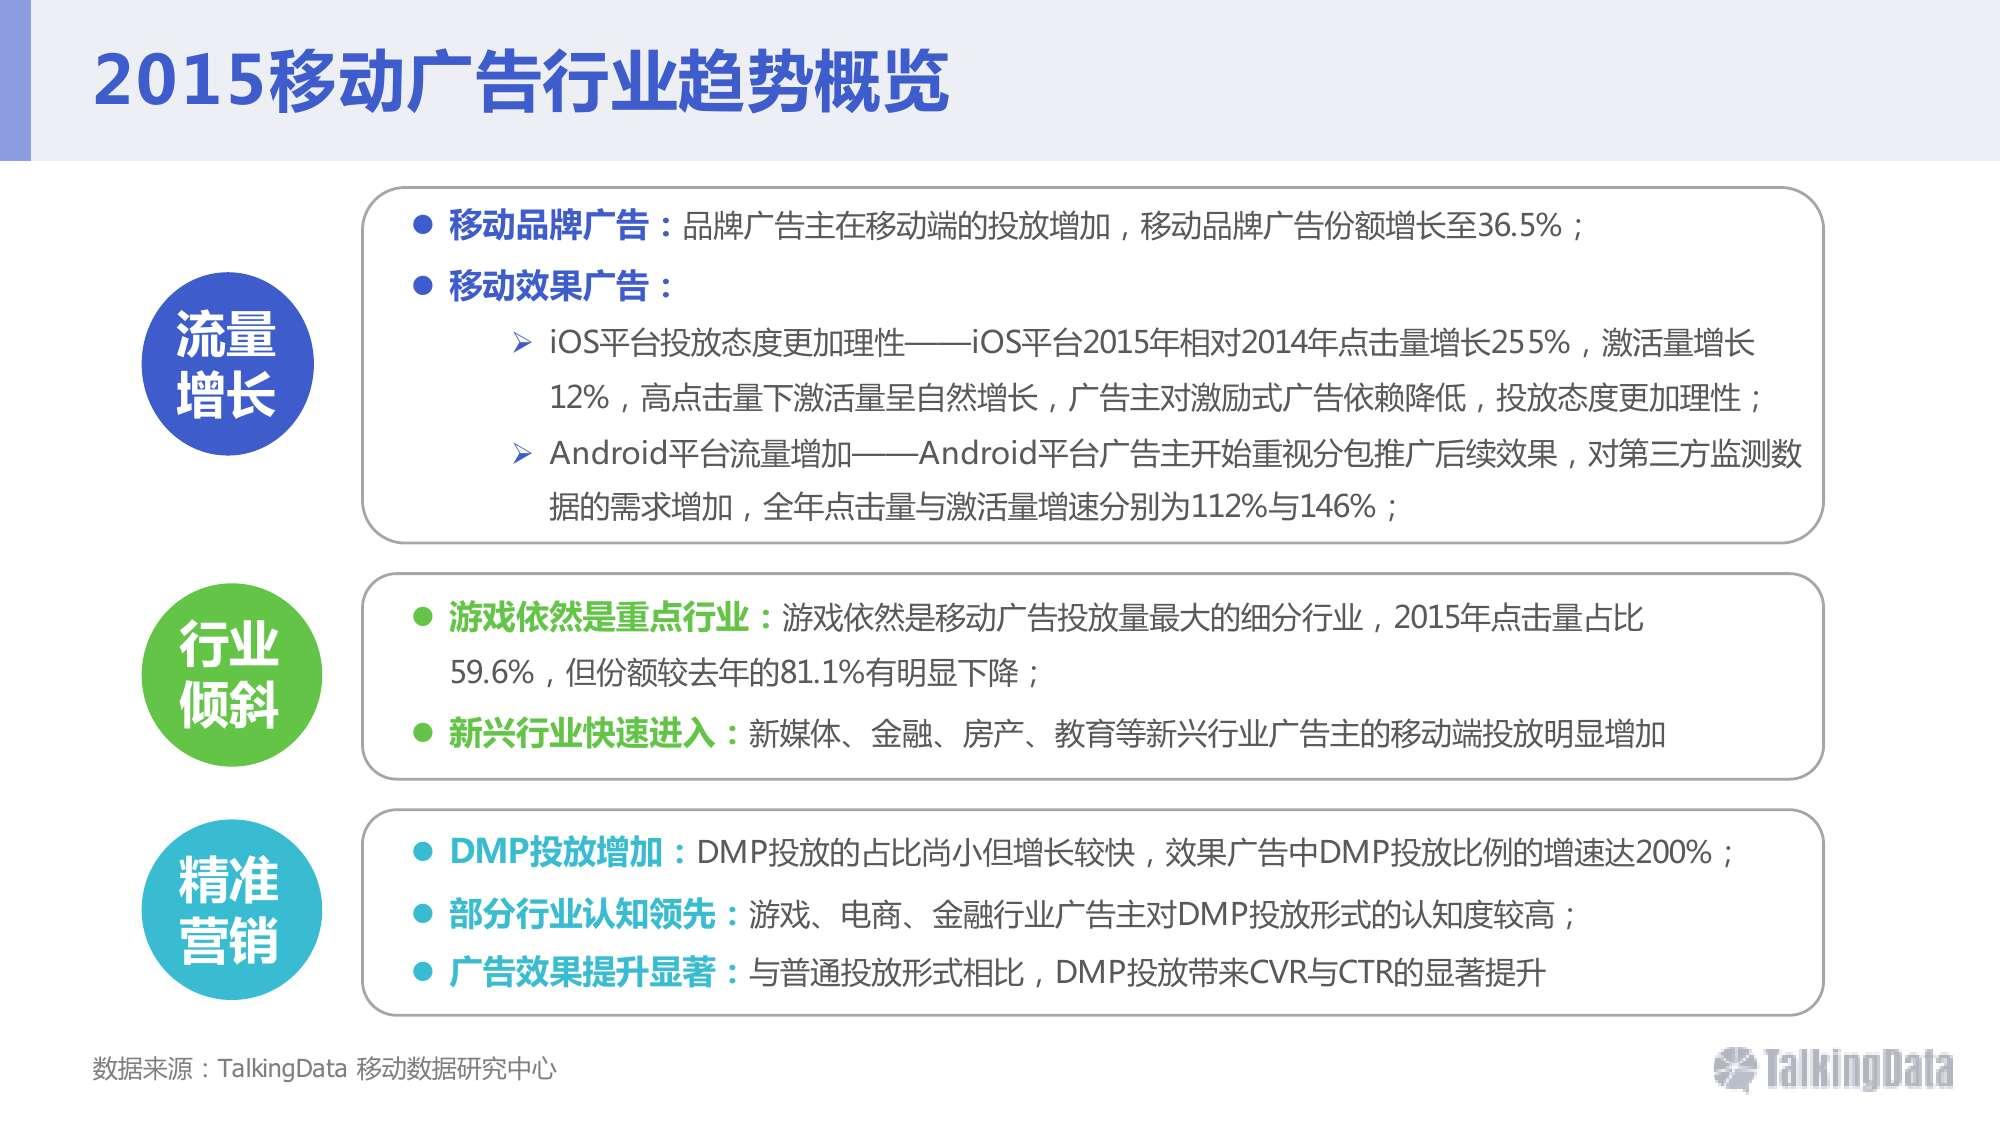 2015年移动广告行业报告_000005